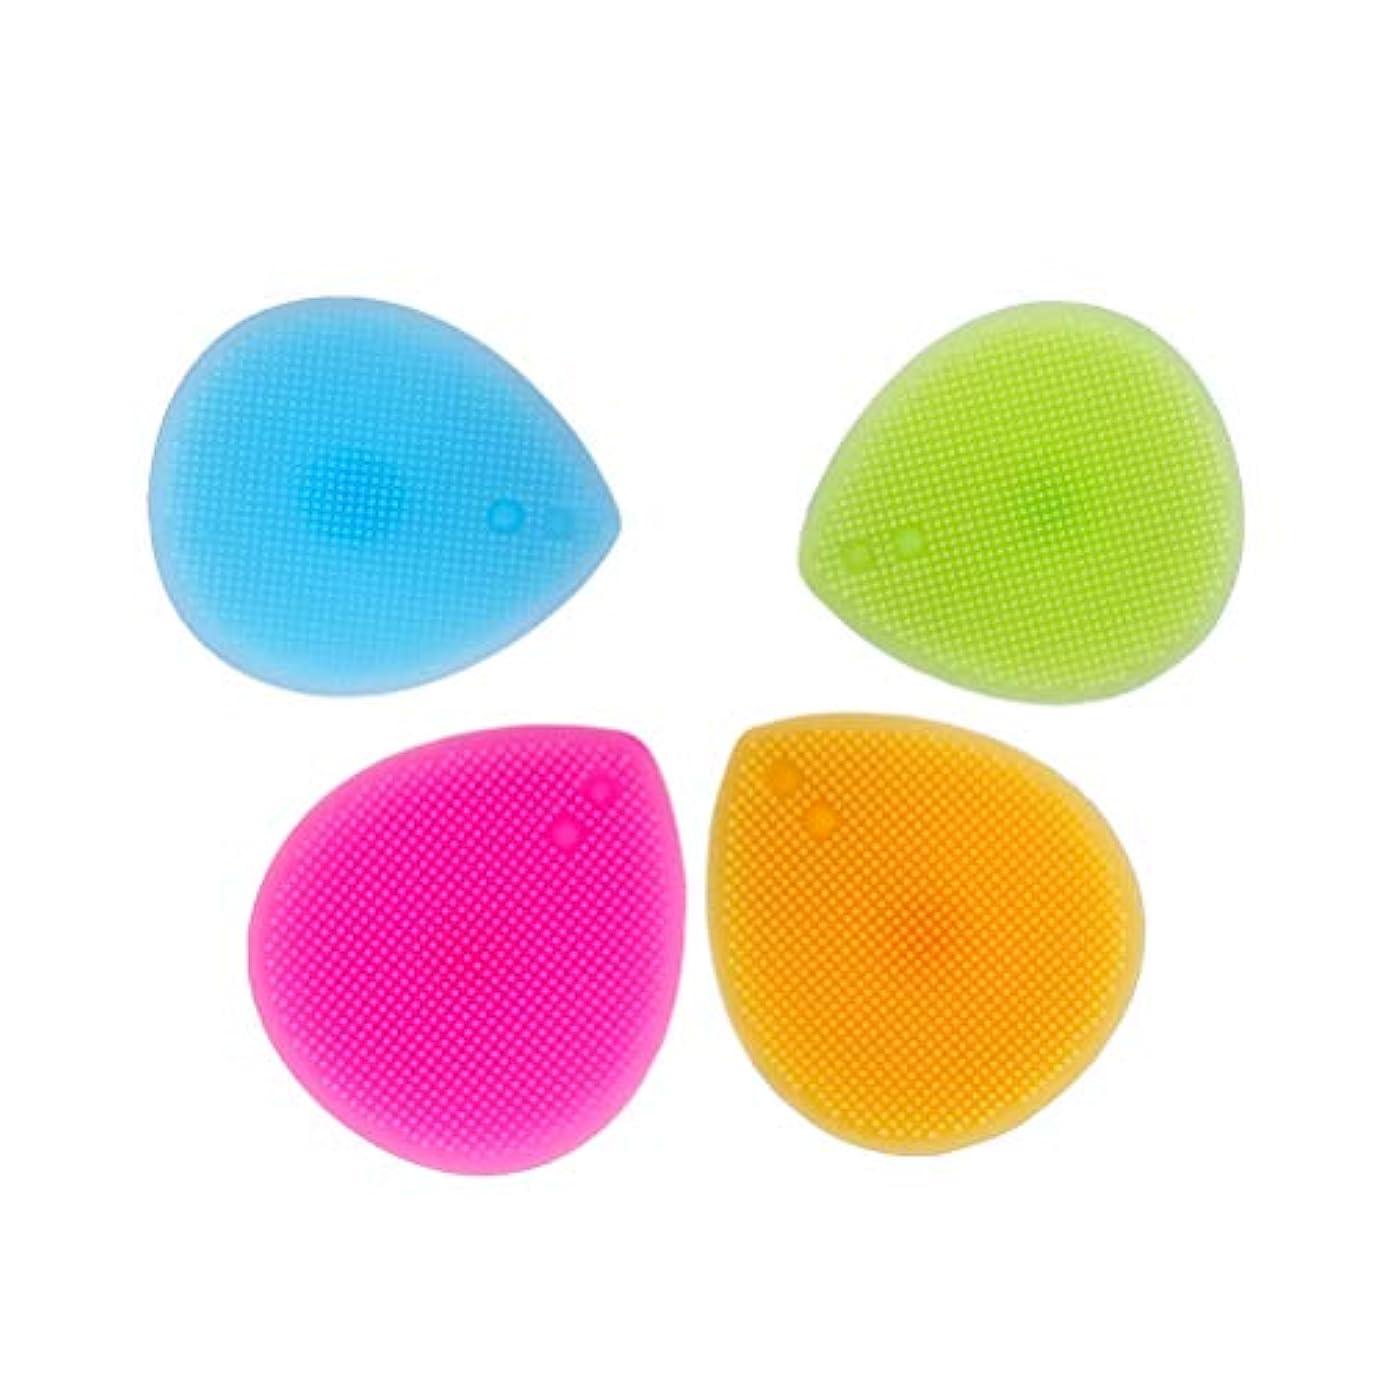 目指す豪華な援助HEALIFTY シリコーンブラシクリーナー4PCSメイクアップブラシクリーニングパッドリトルラバーマット(オレンジ+ローズ+ブルー+グリーン)